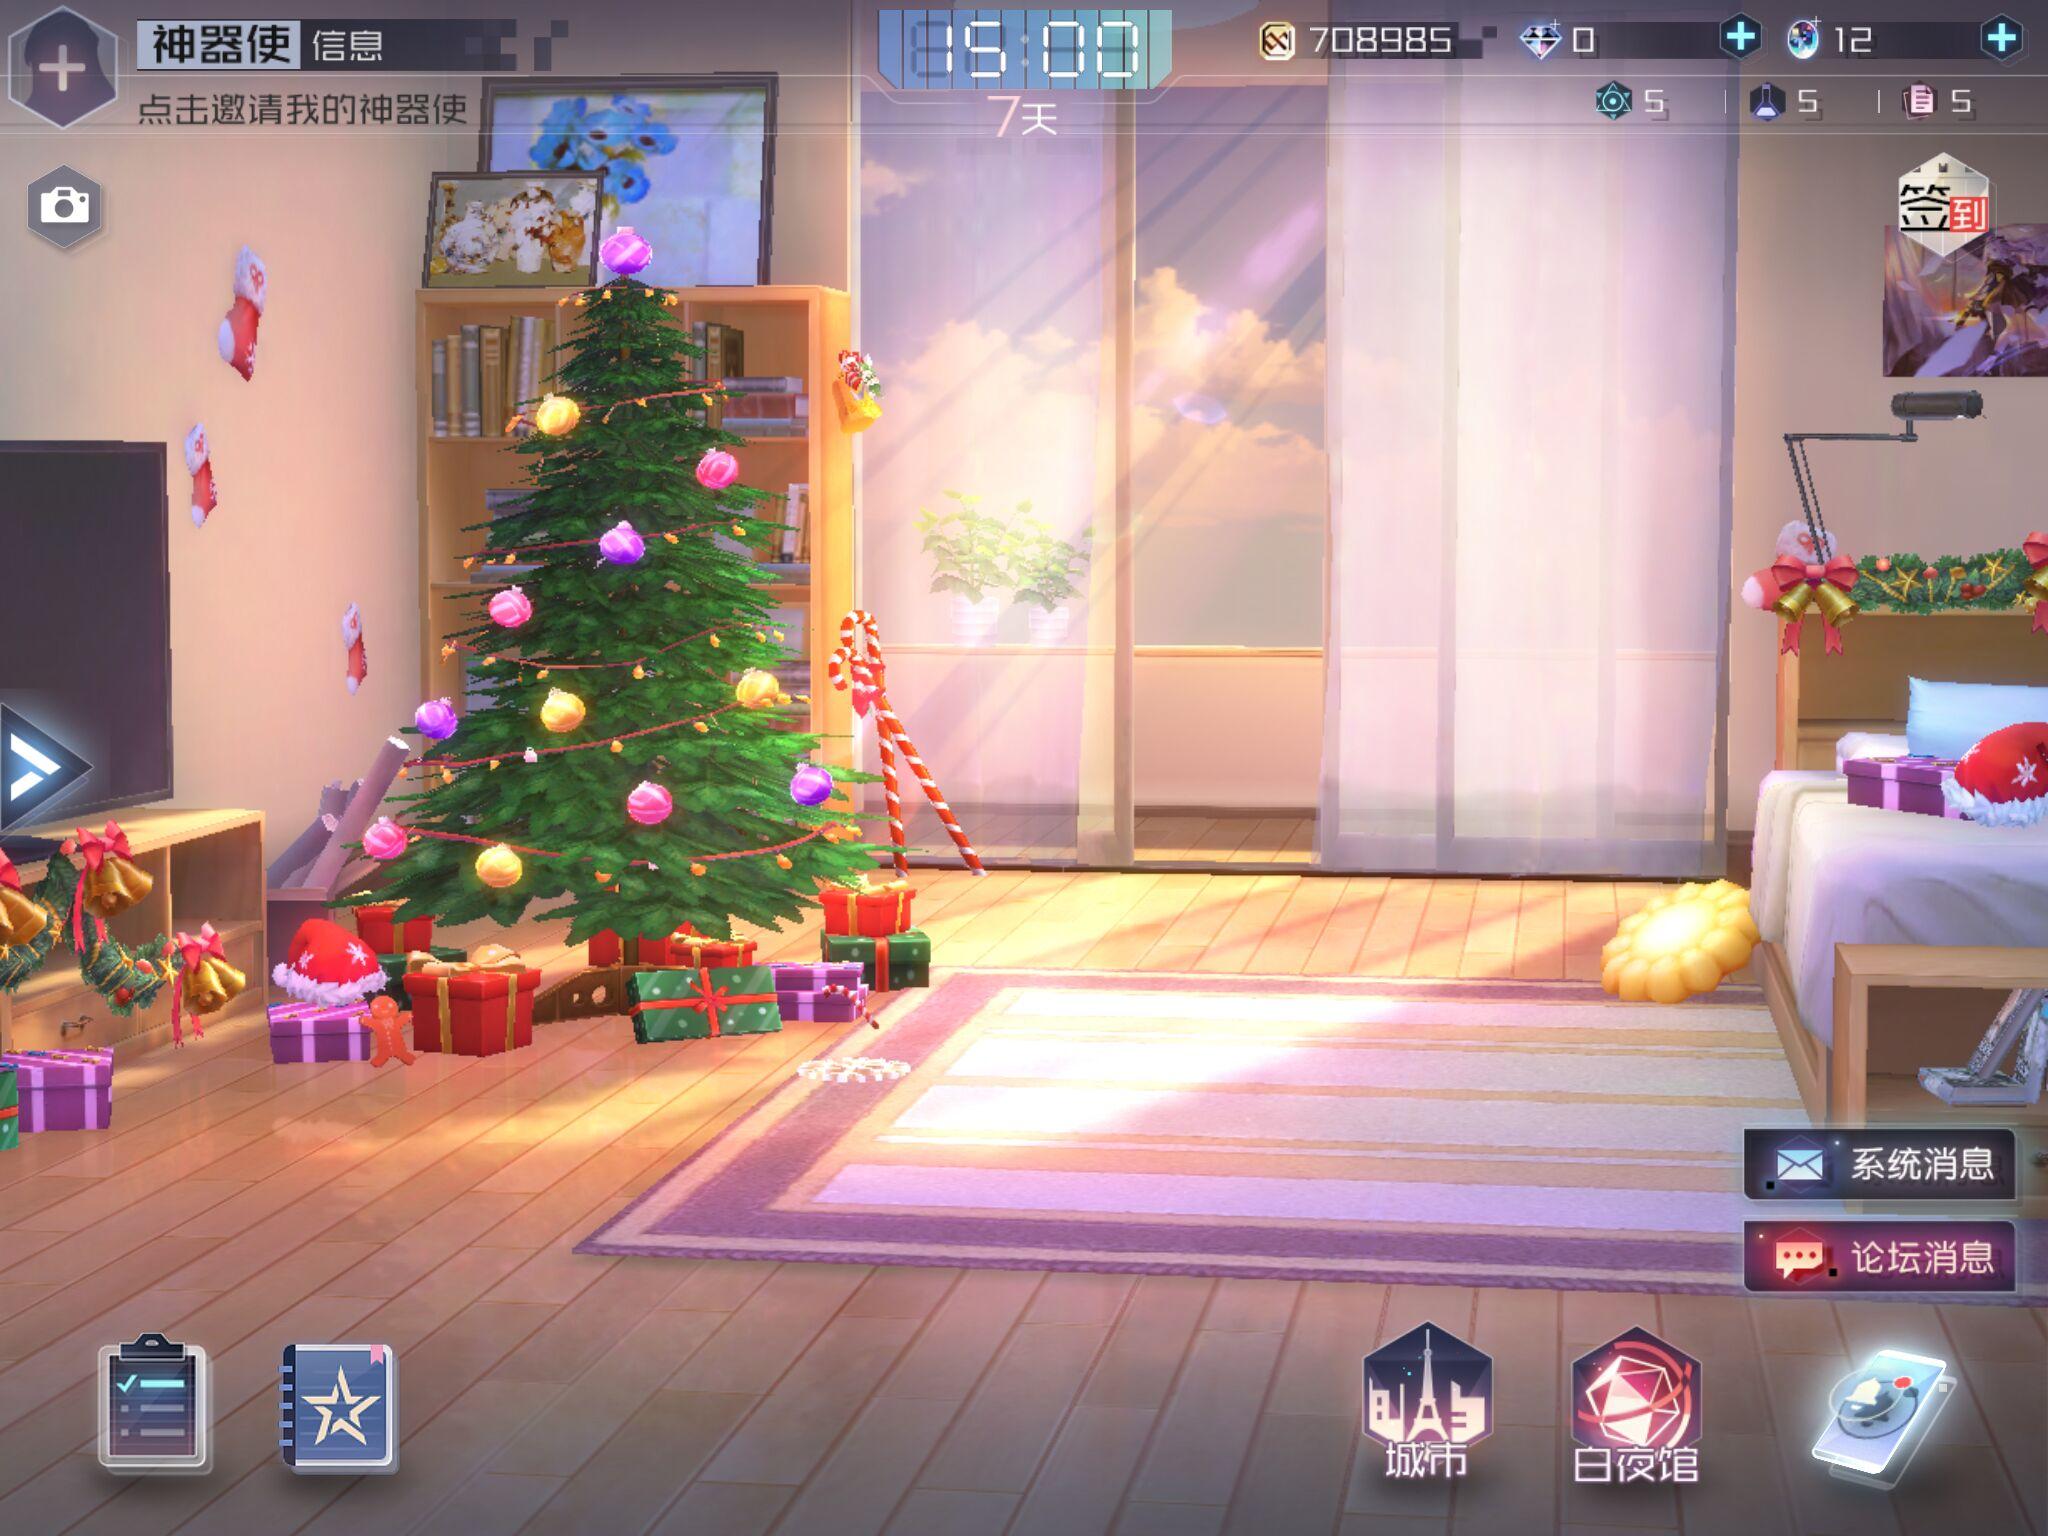 雪落初花《永远的7日之都》圣诞剧情上线![视频][多图]图片3